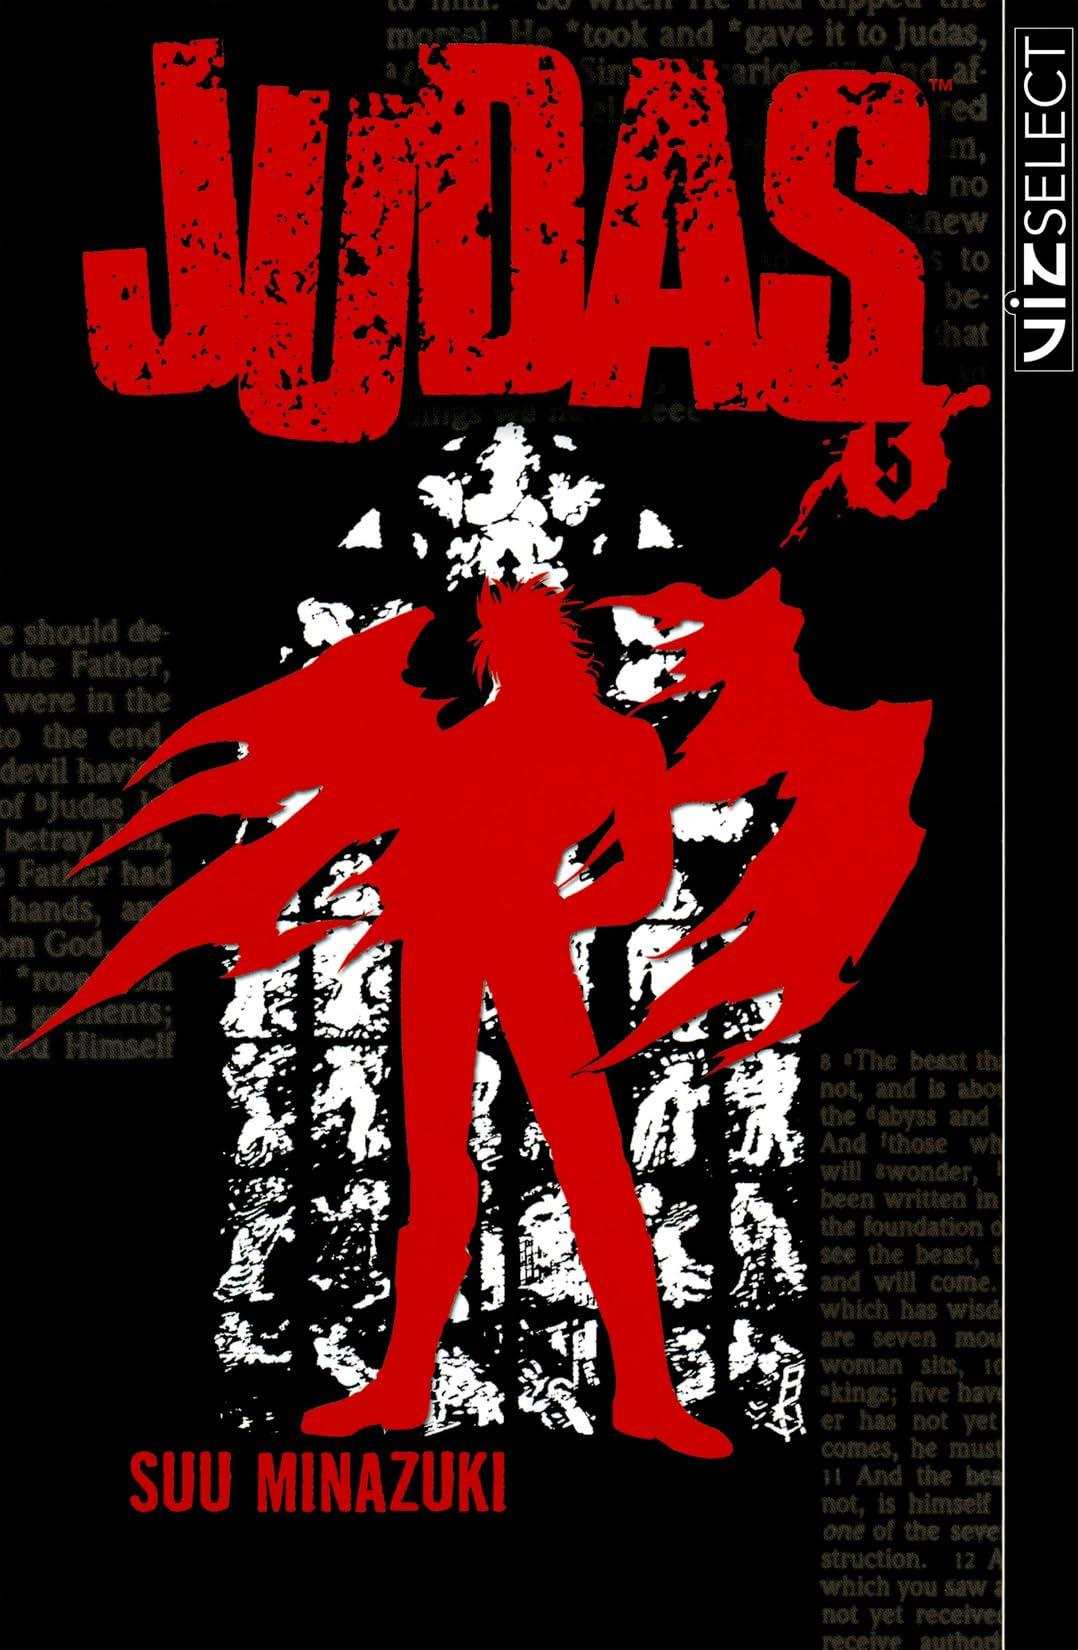 JUDAS Vol. 5